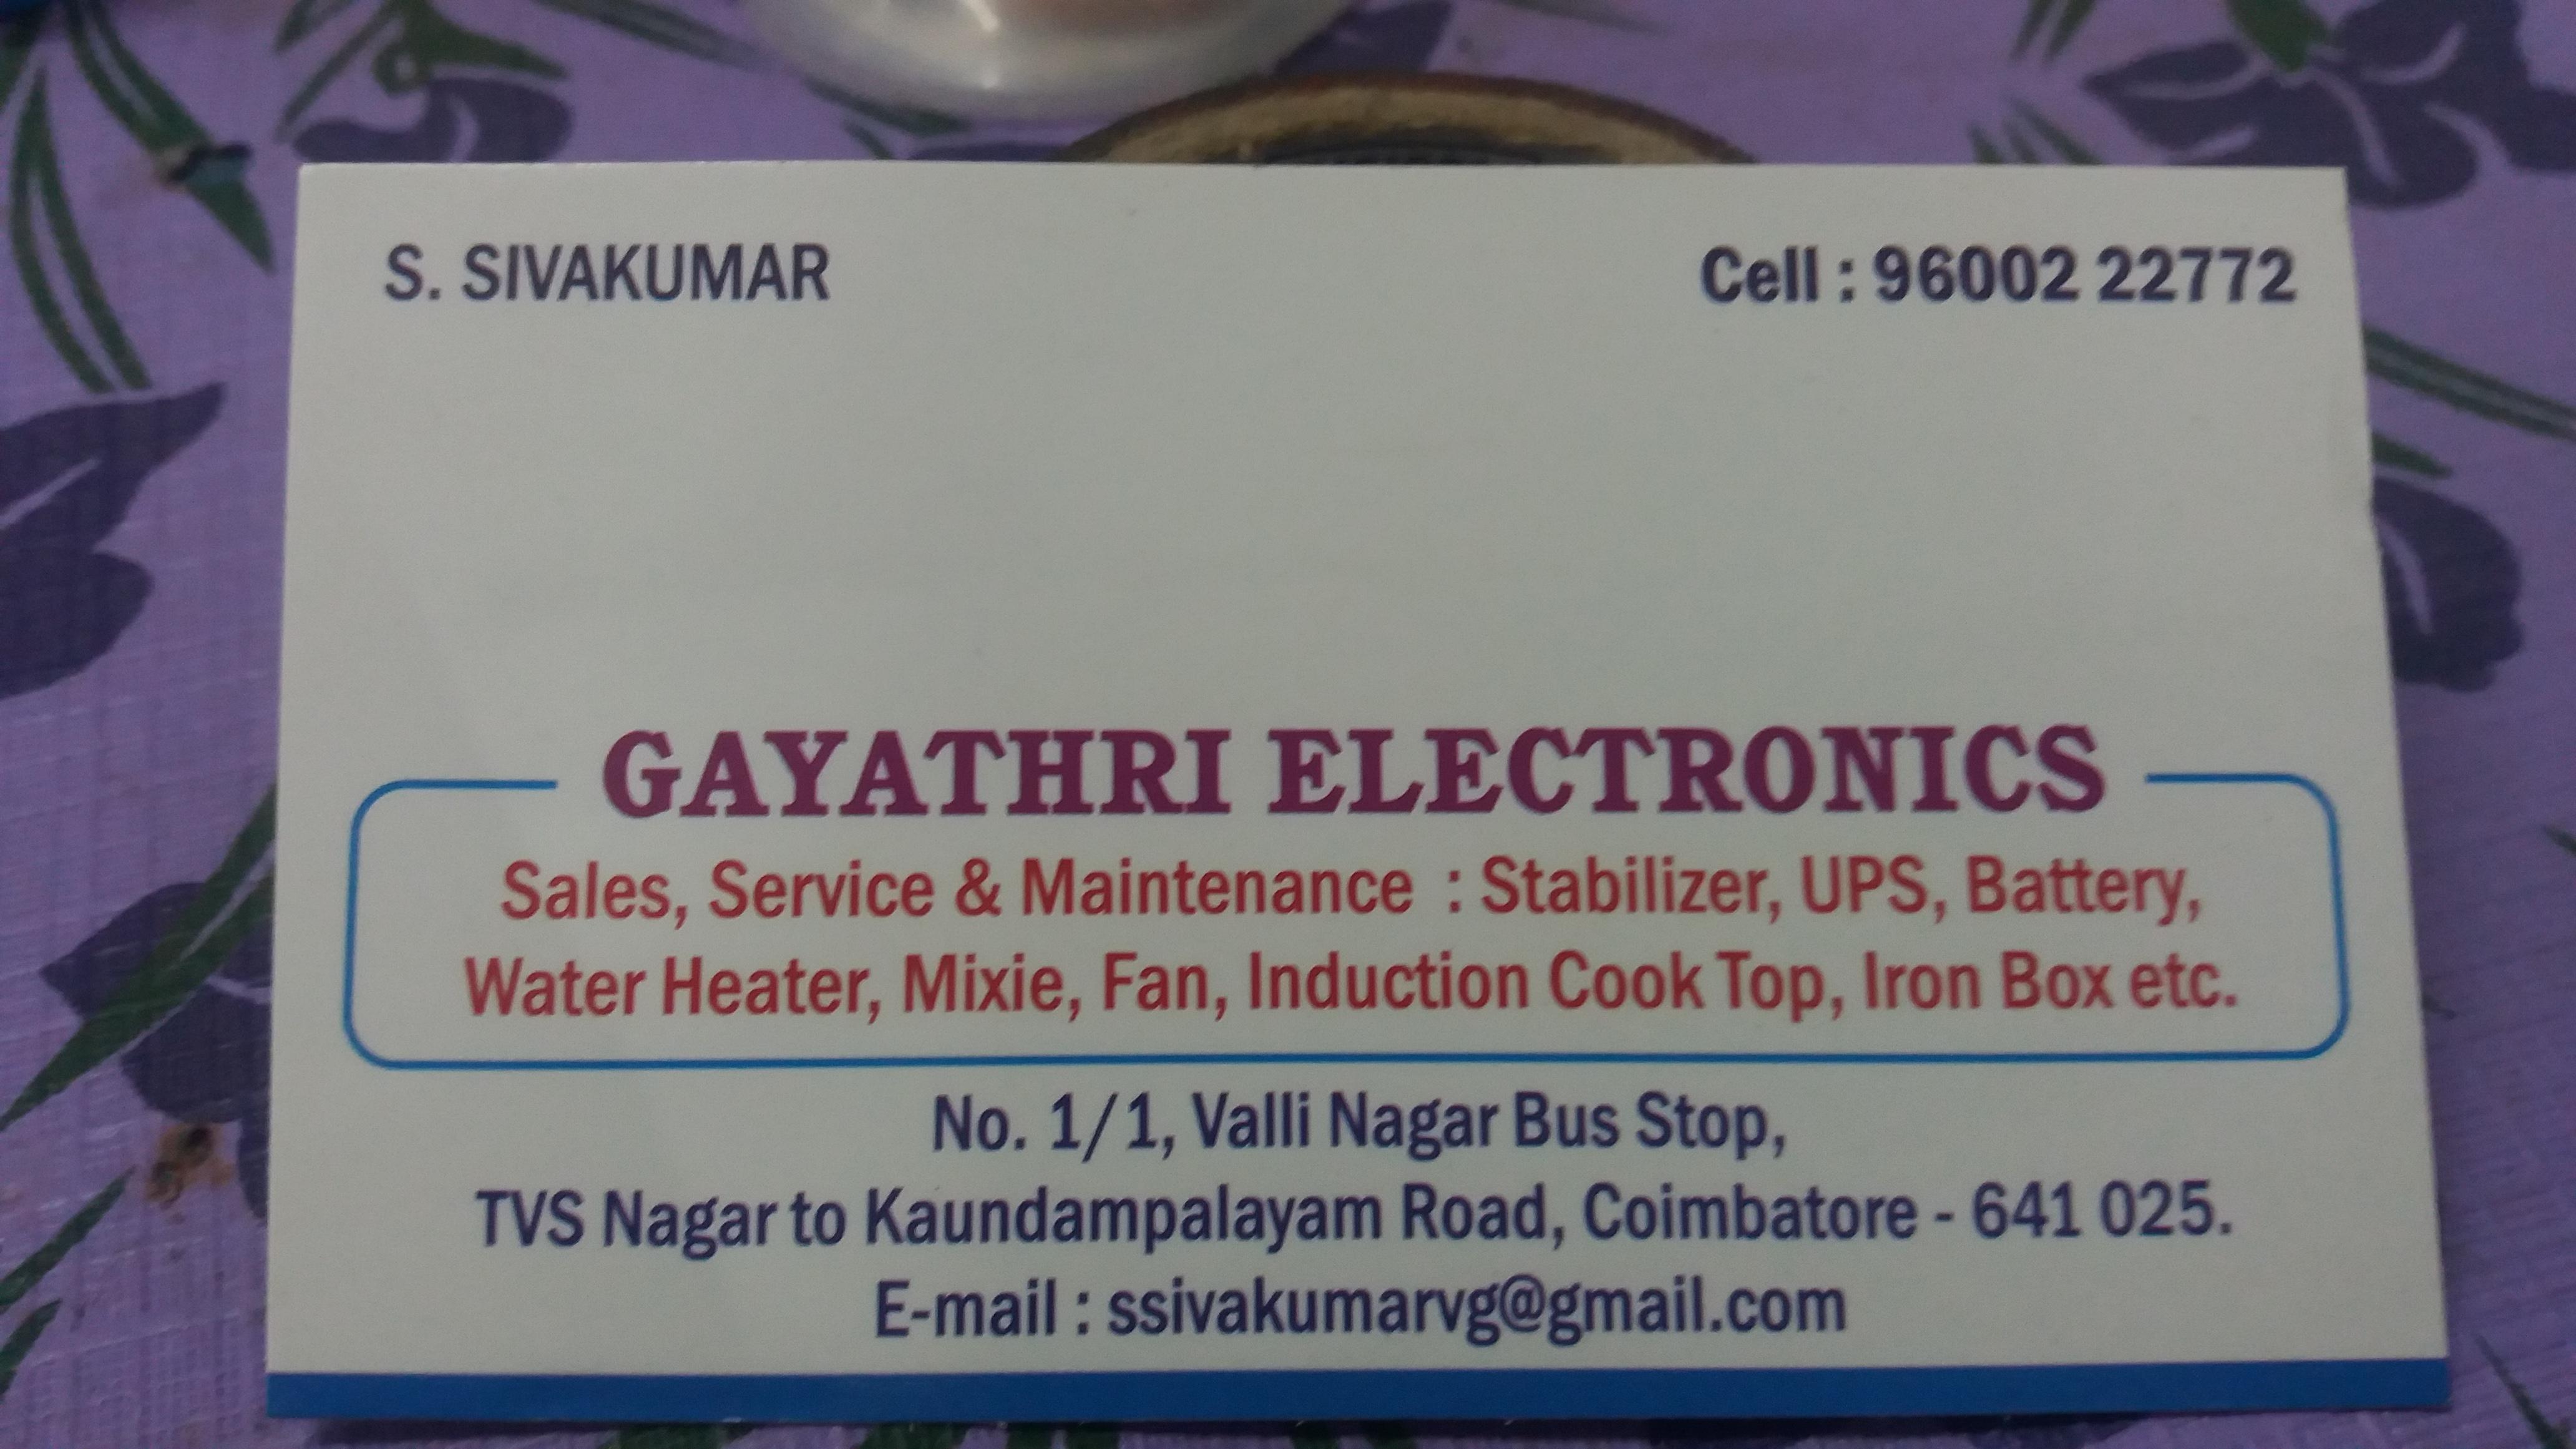 Gayathri Electronics in Koundampalayam, Coimbatore-641025